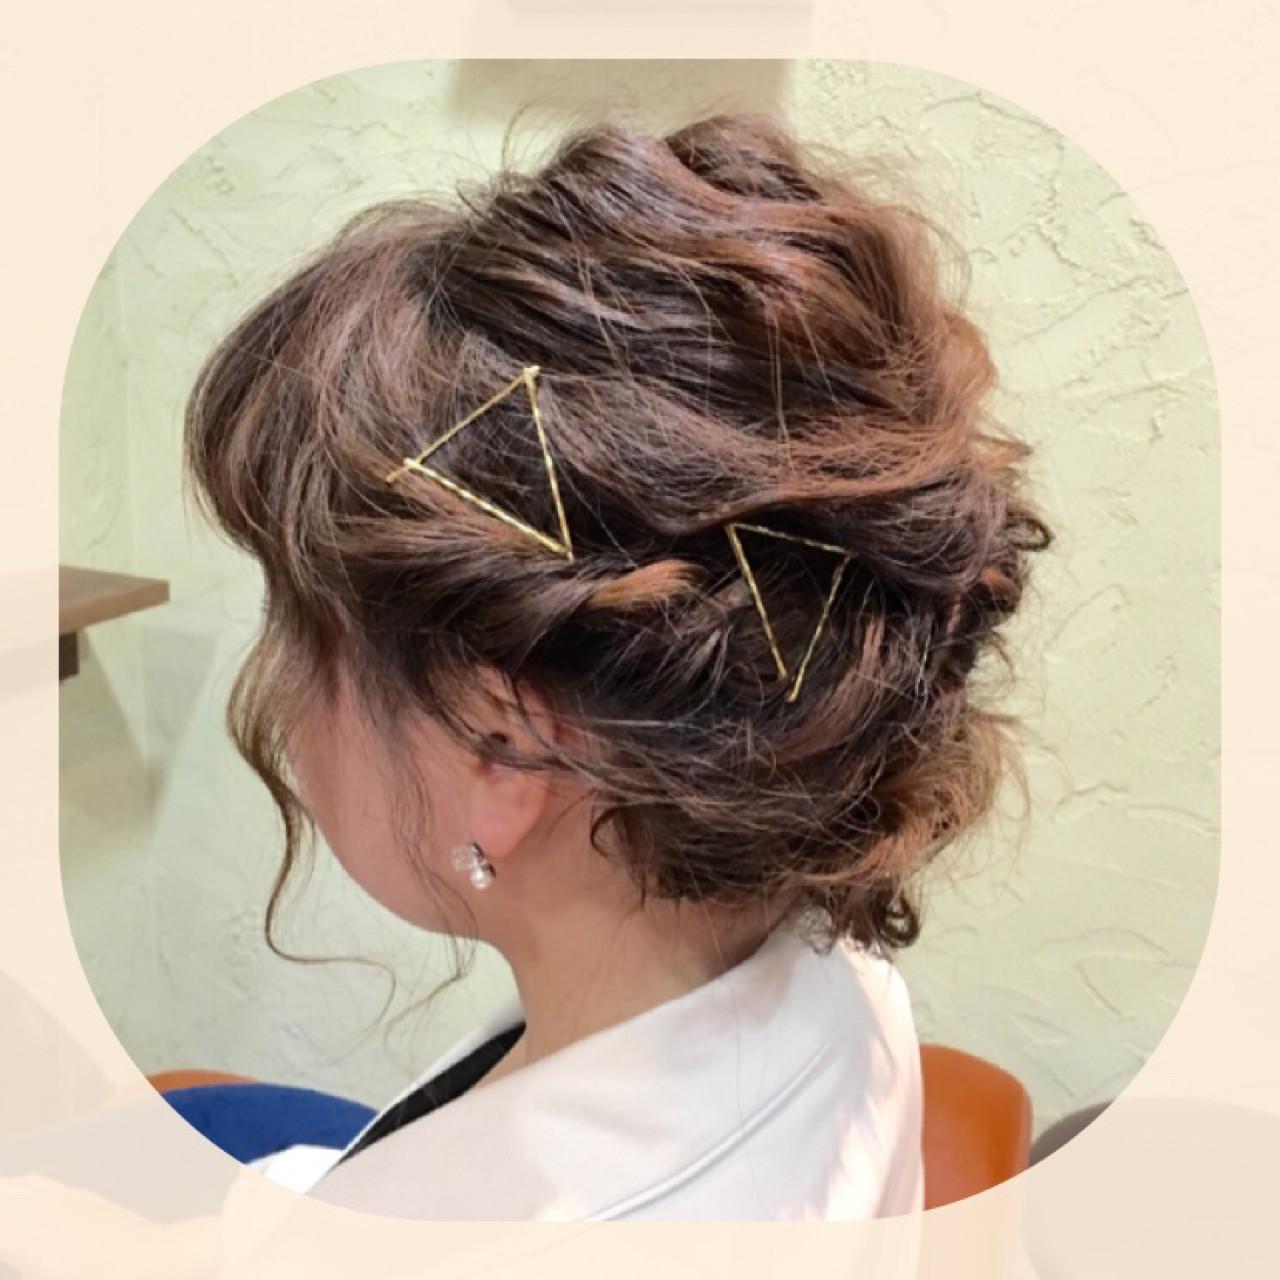 ラフ ボブ ヘアアレンジ 外国人風 ヘアスタイルや髪型の写真・画像